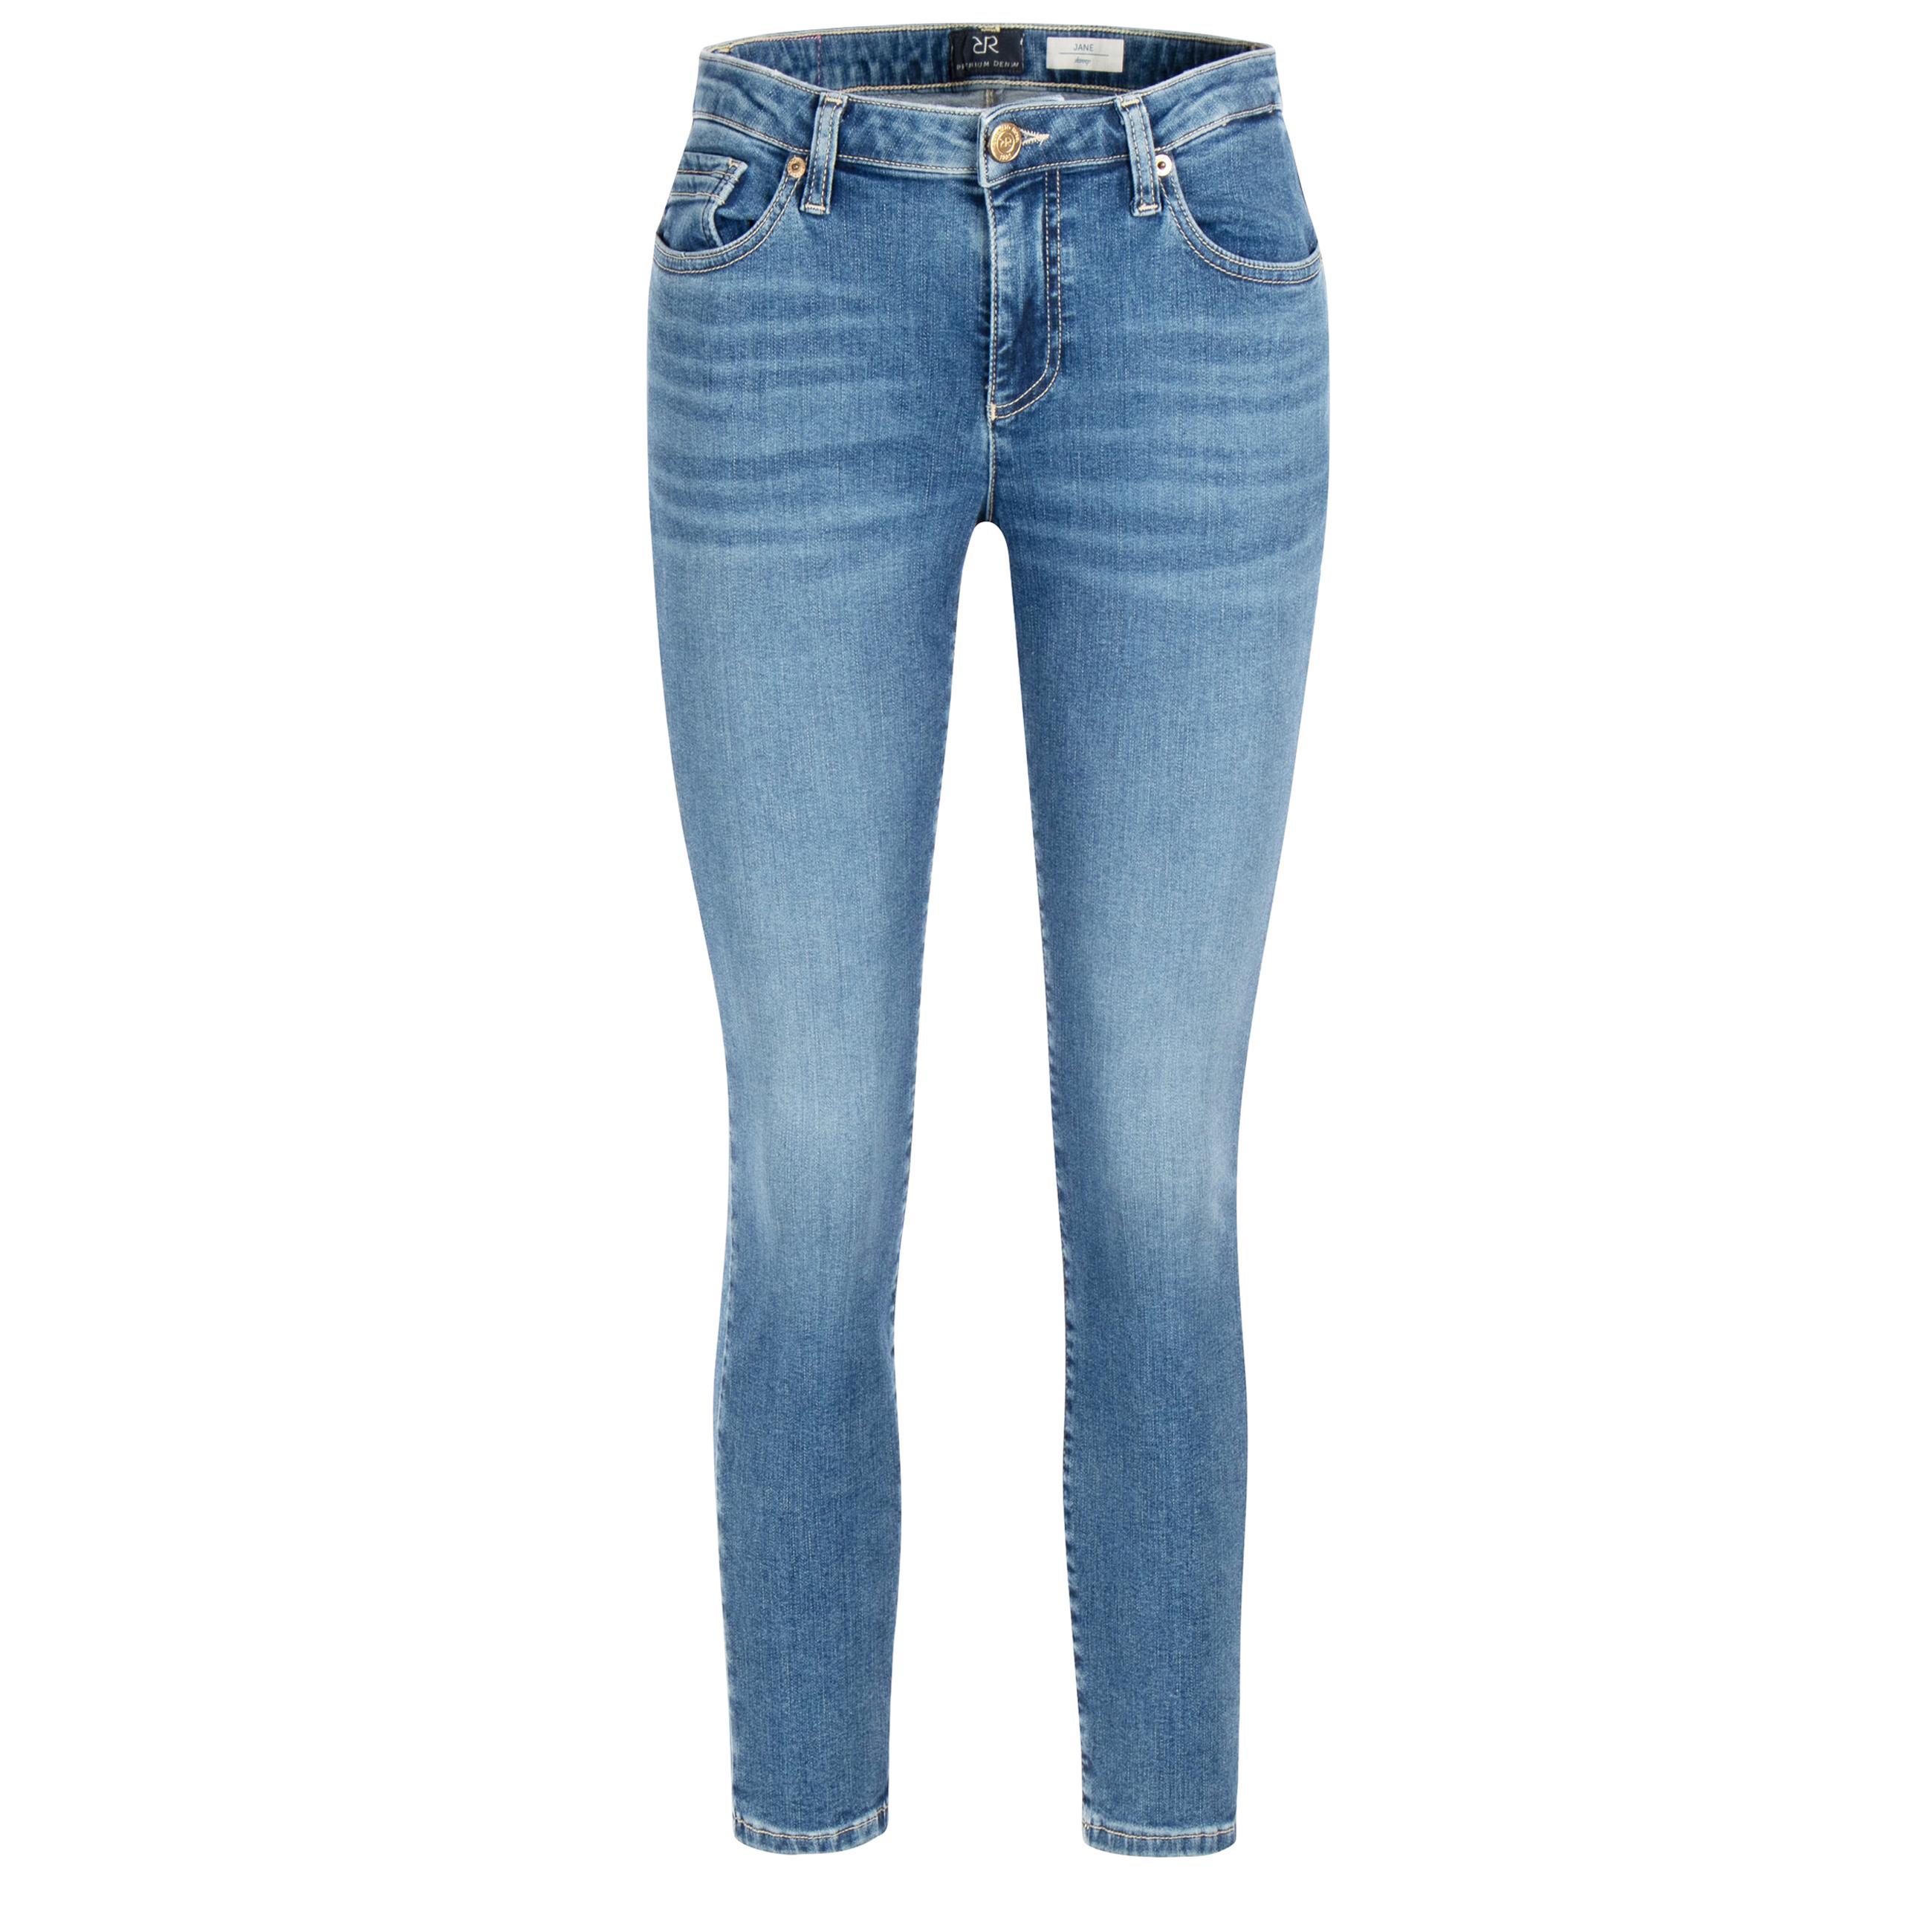 Raffaello Rossi Jeans Jane 7/8 Länge